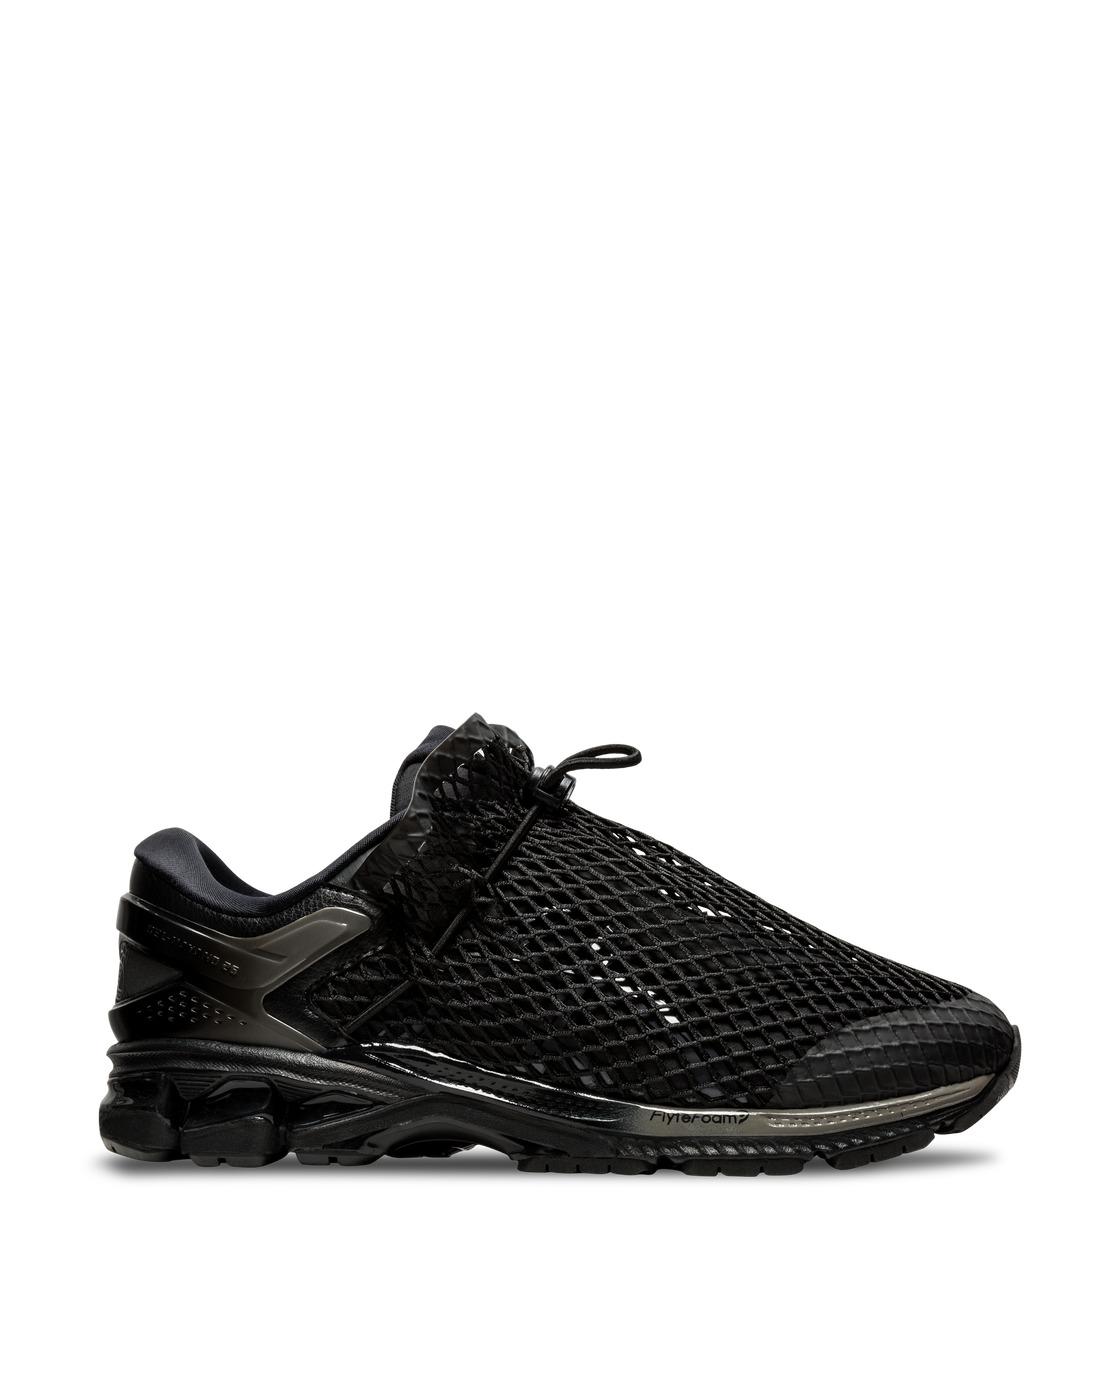 Asics Vivienne Westwood Gel Kayano 26 Sneakers Black/Black